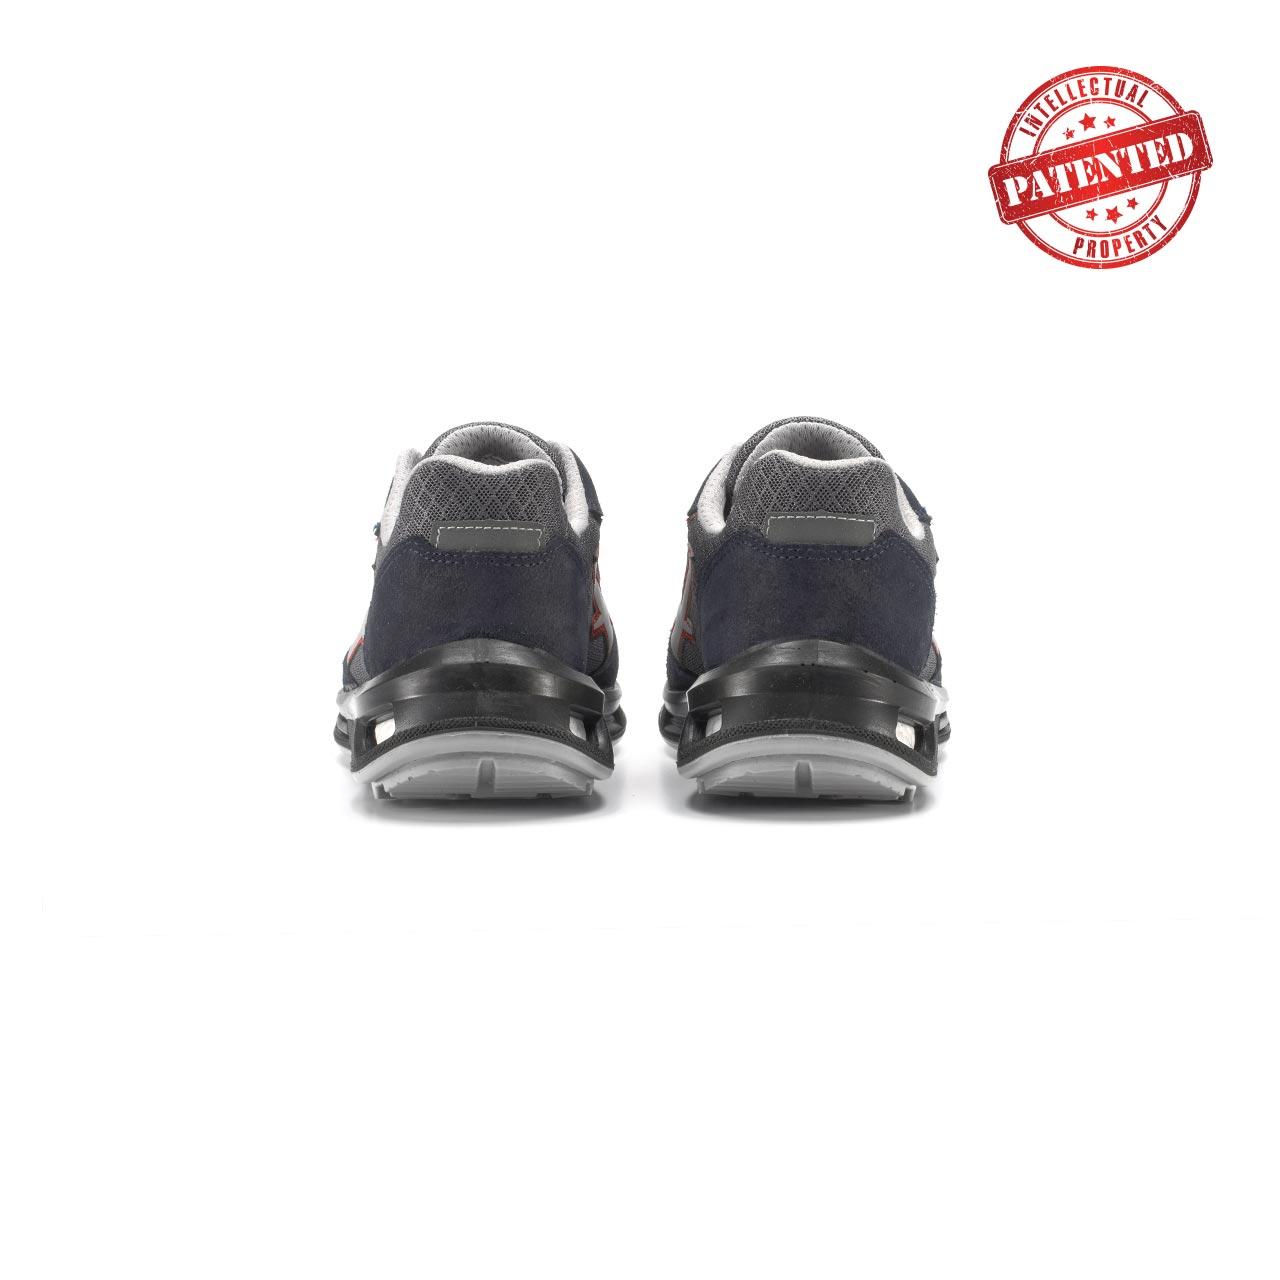 paio di scarpe antinfortunistiche upower modello active linea redlion vista retro